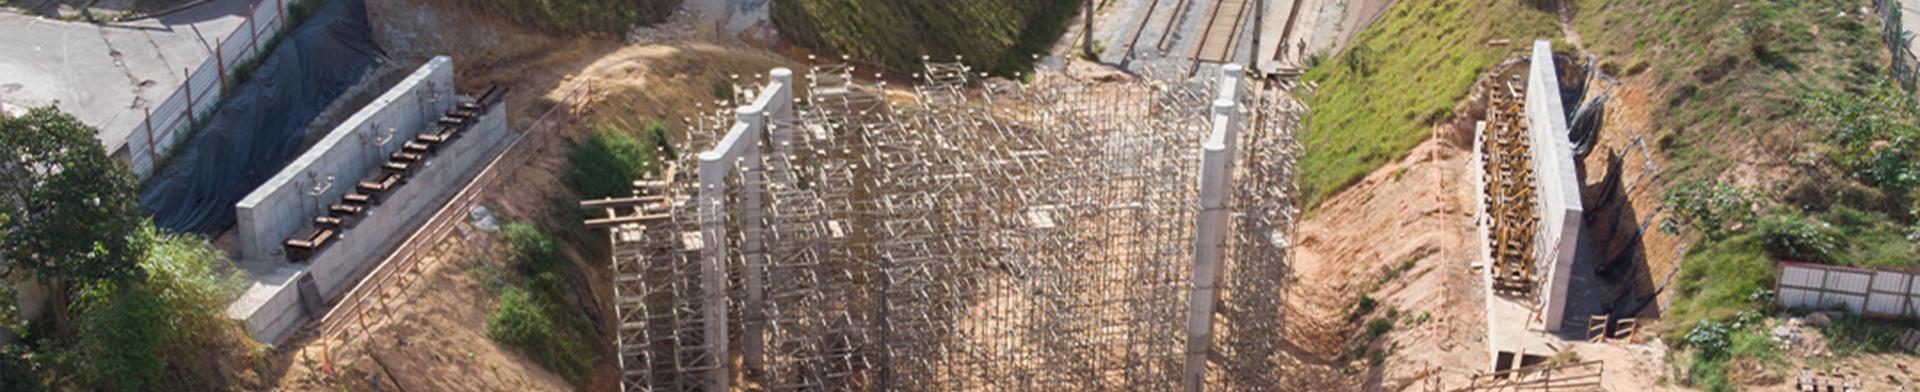 O que é gerenciamento de obras - construtora ubiratan